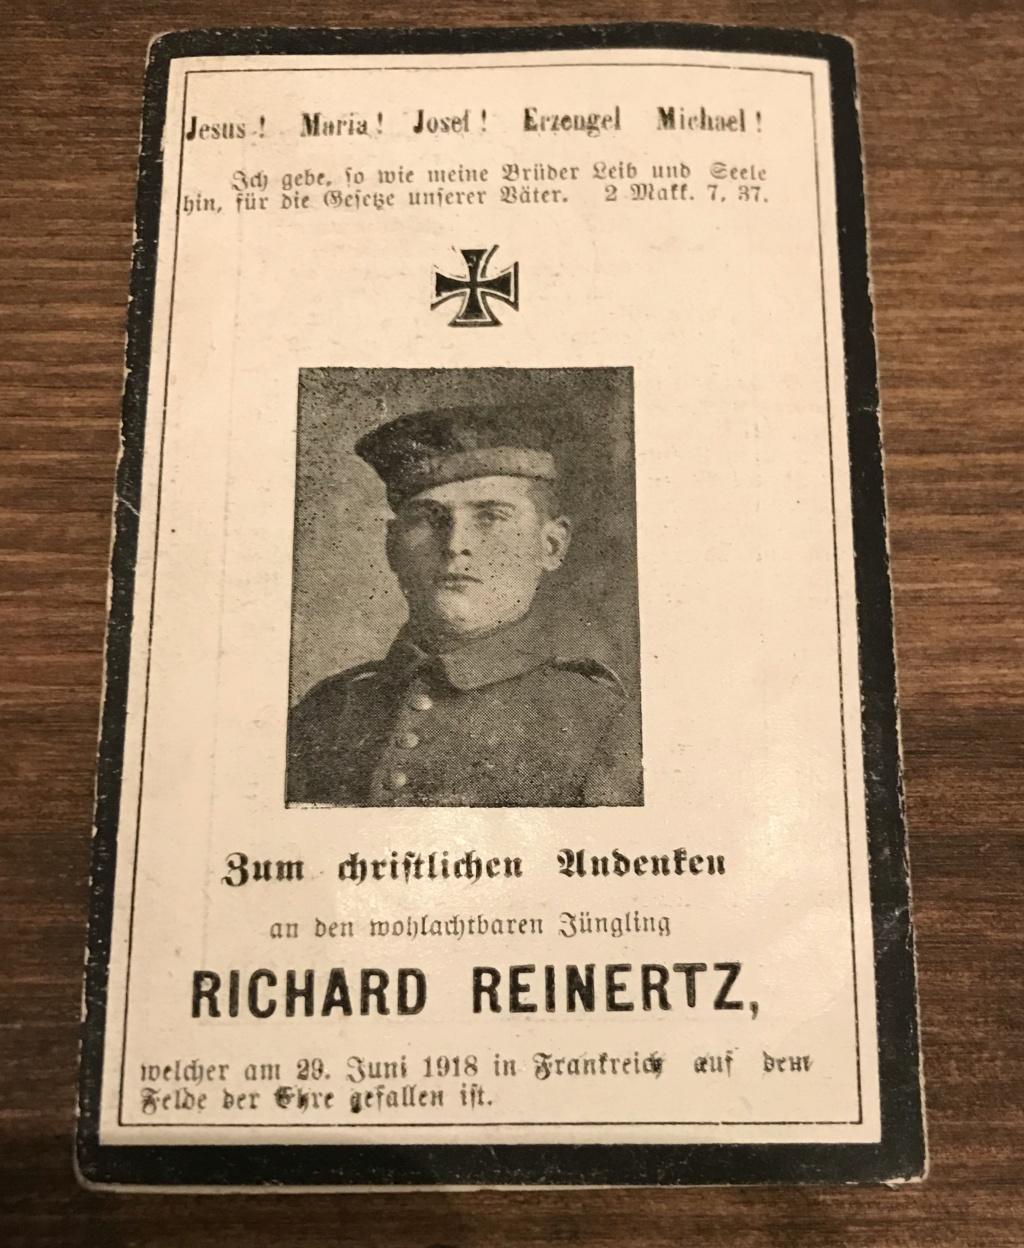 Avis de décès soldat allemand 14-18  - Page 2 Ea6df410